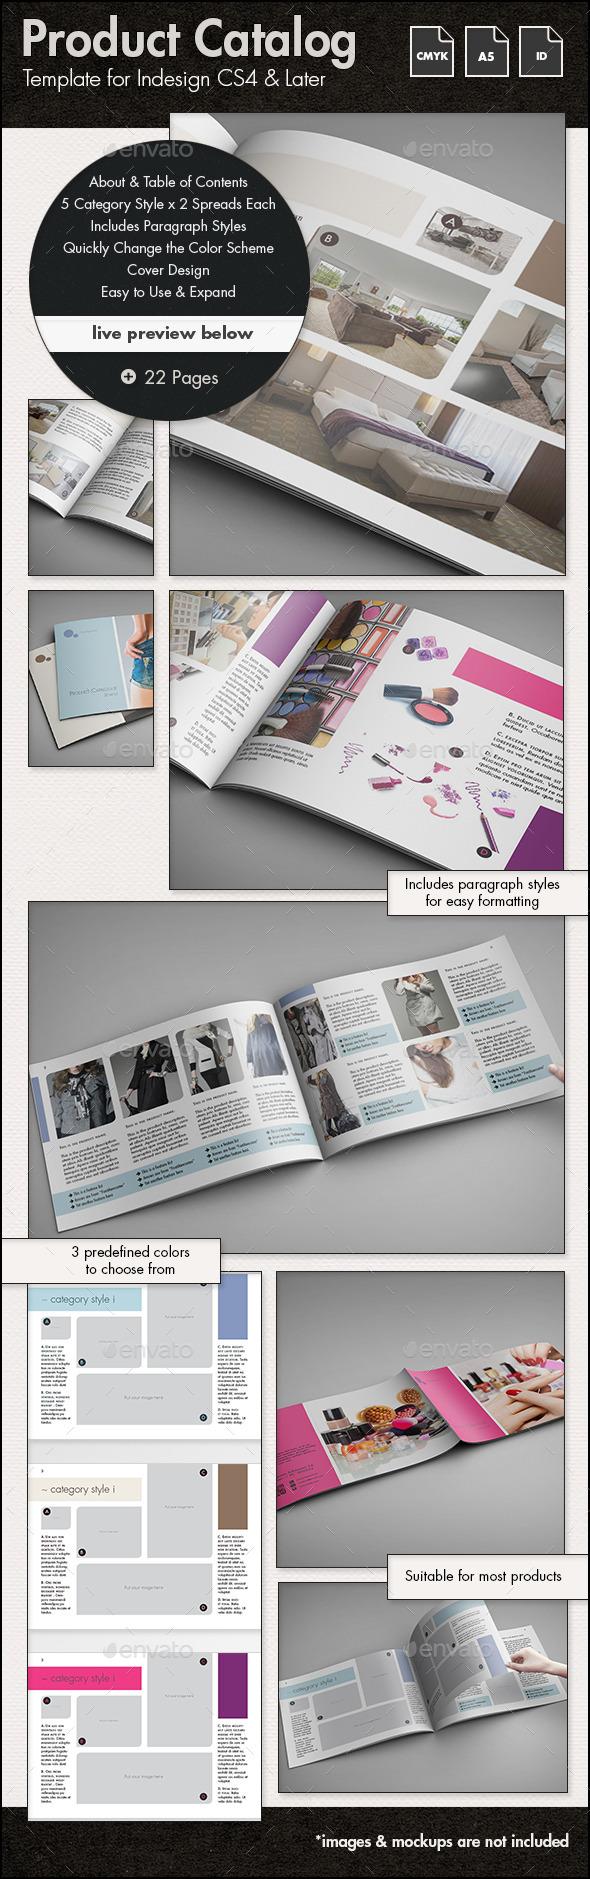 Product Catalog - A5 Landscape - Catalogs Brochures